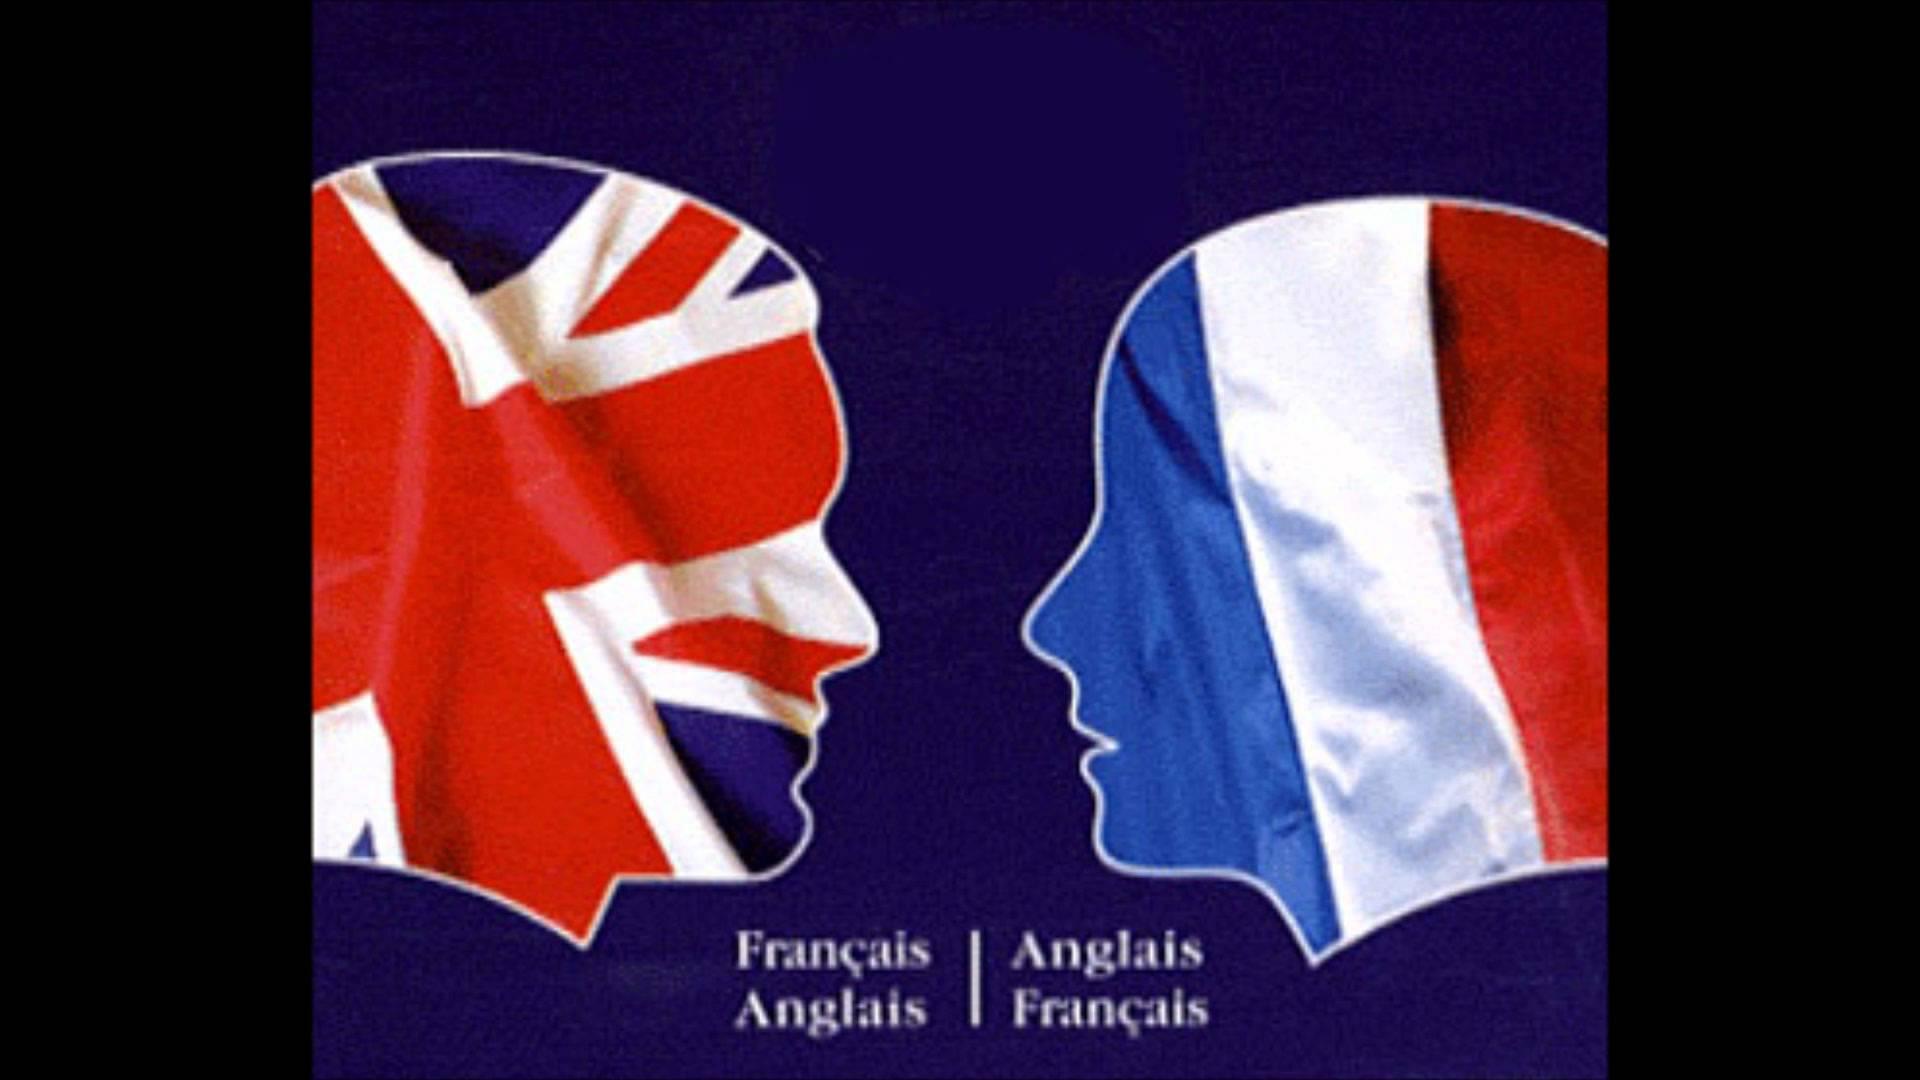 anglais en francais